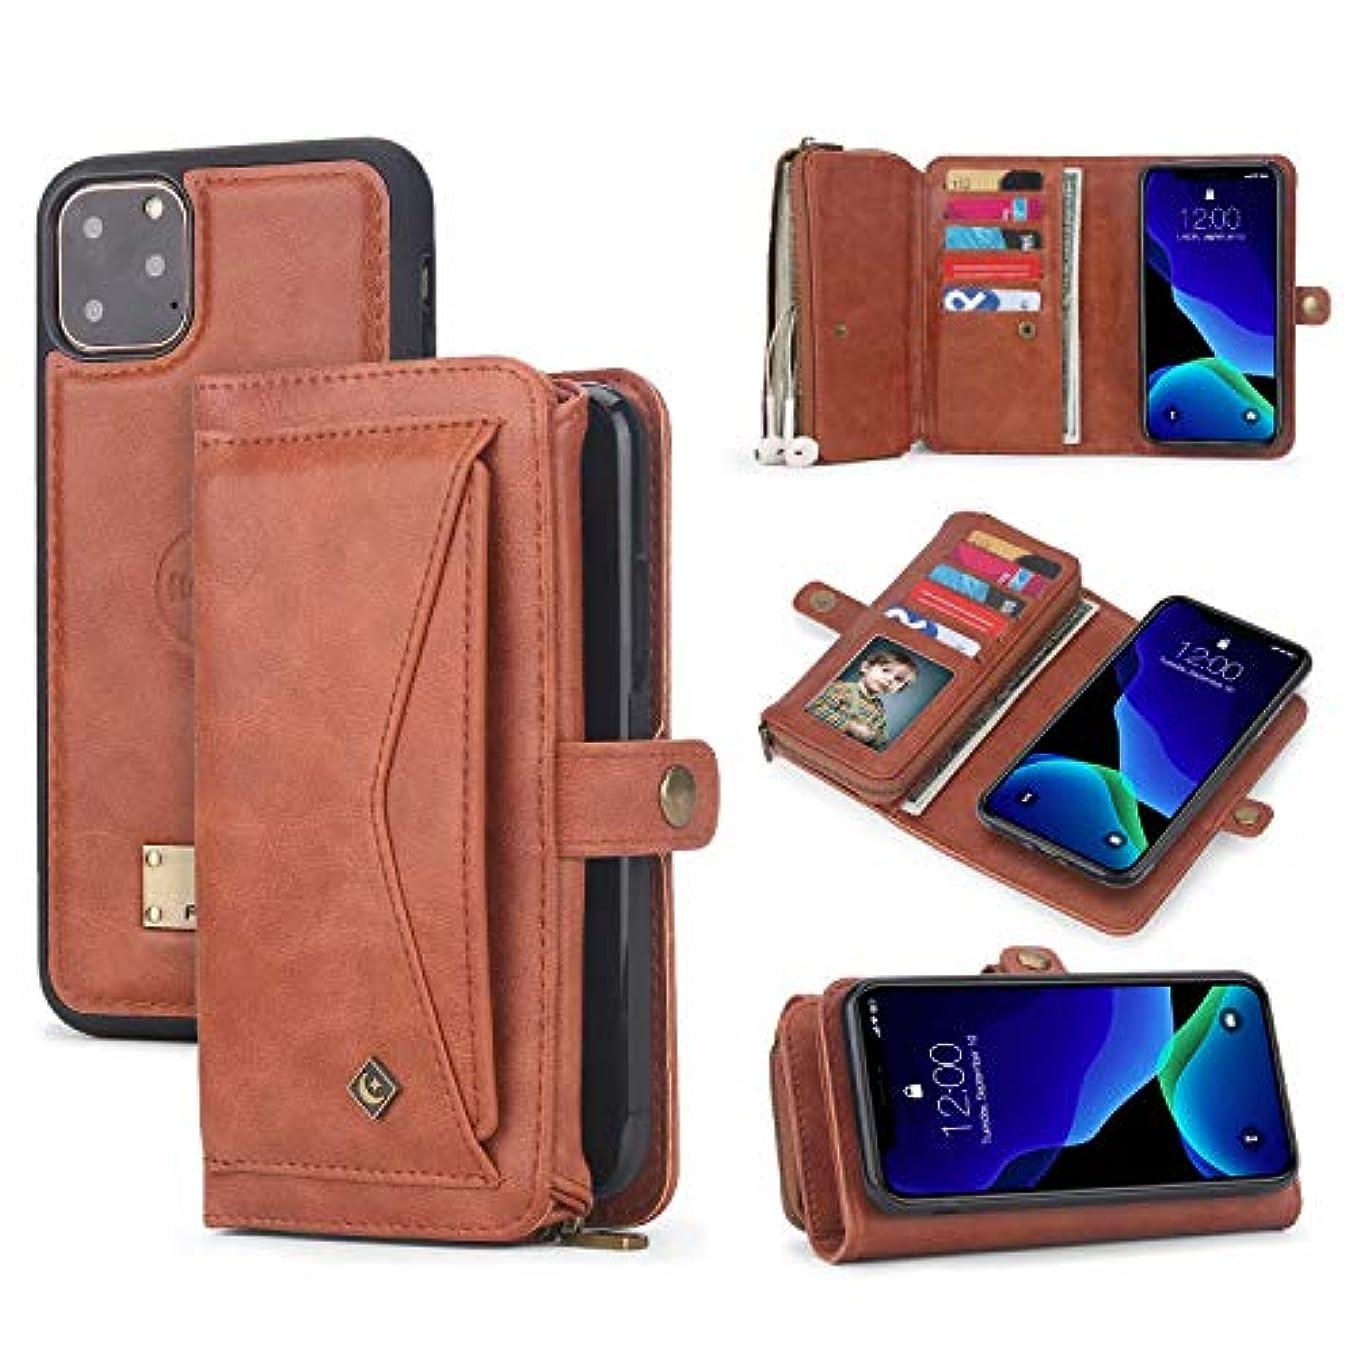 プラス半球みなすポータブルジッパーウォレット、iPhoneハンドバッグウォレット電話ケース、14枚のカードパック、キャッシュスロット、カーマグネット、大容量、ジッパーウォレット、モバイルウォレットケース